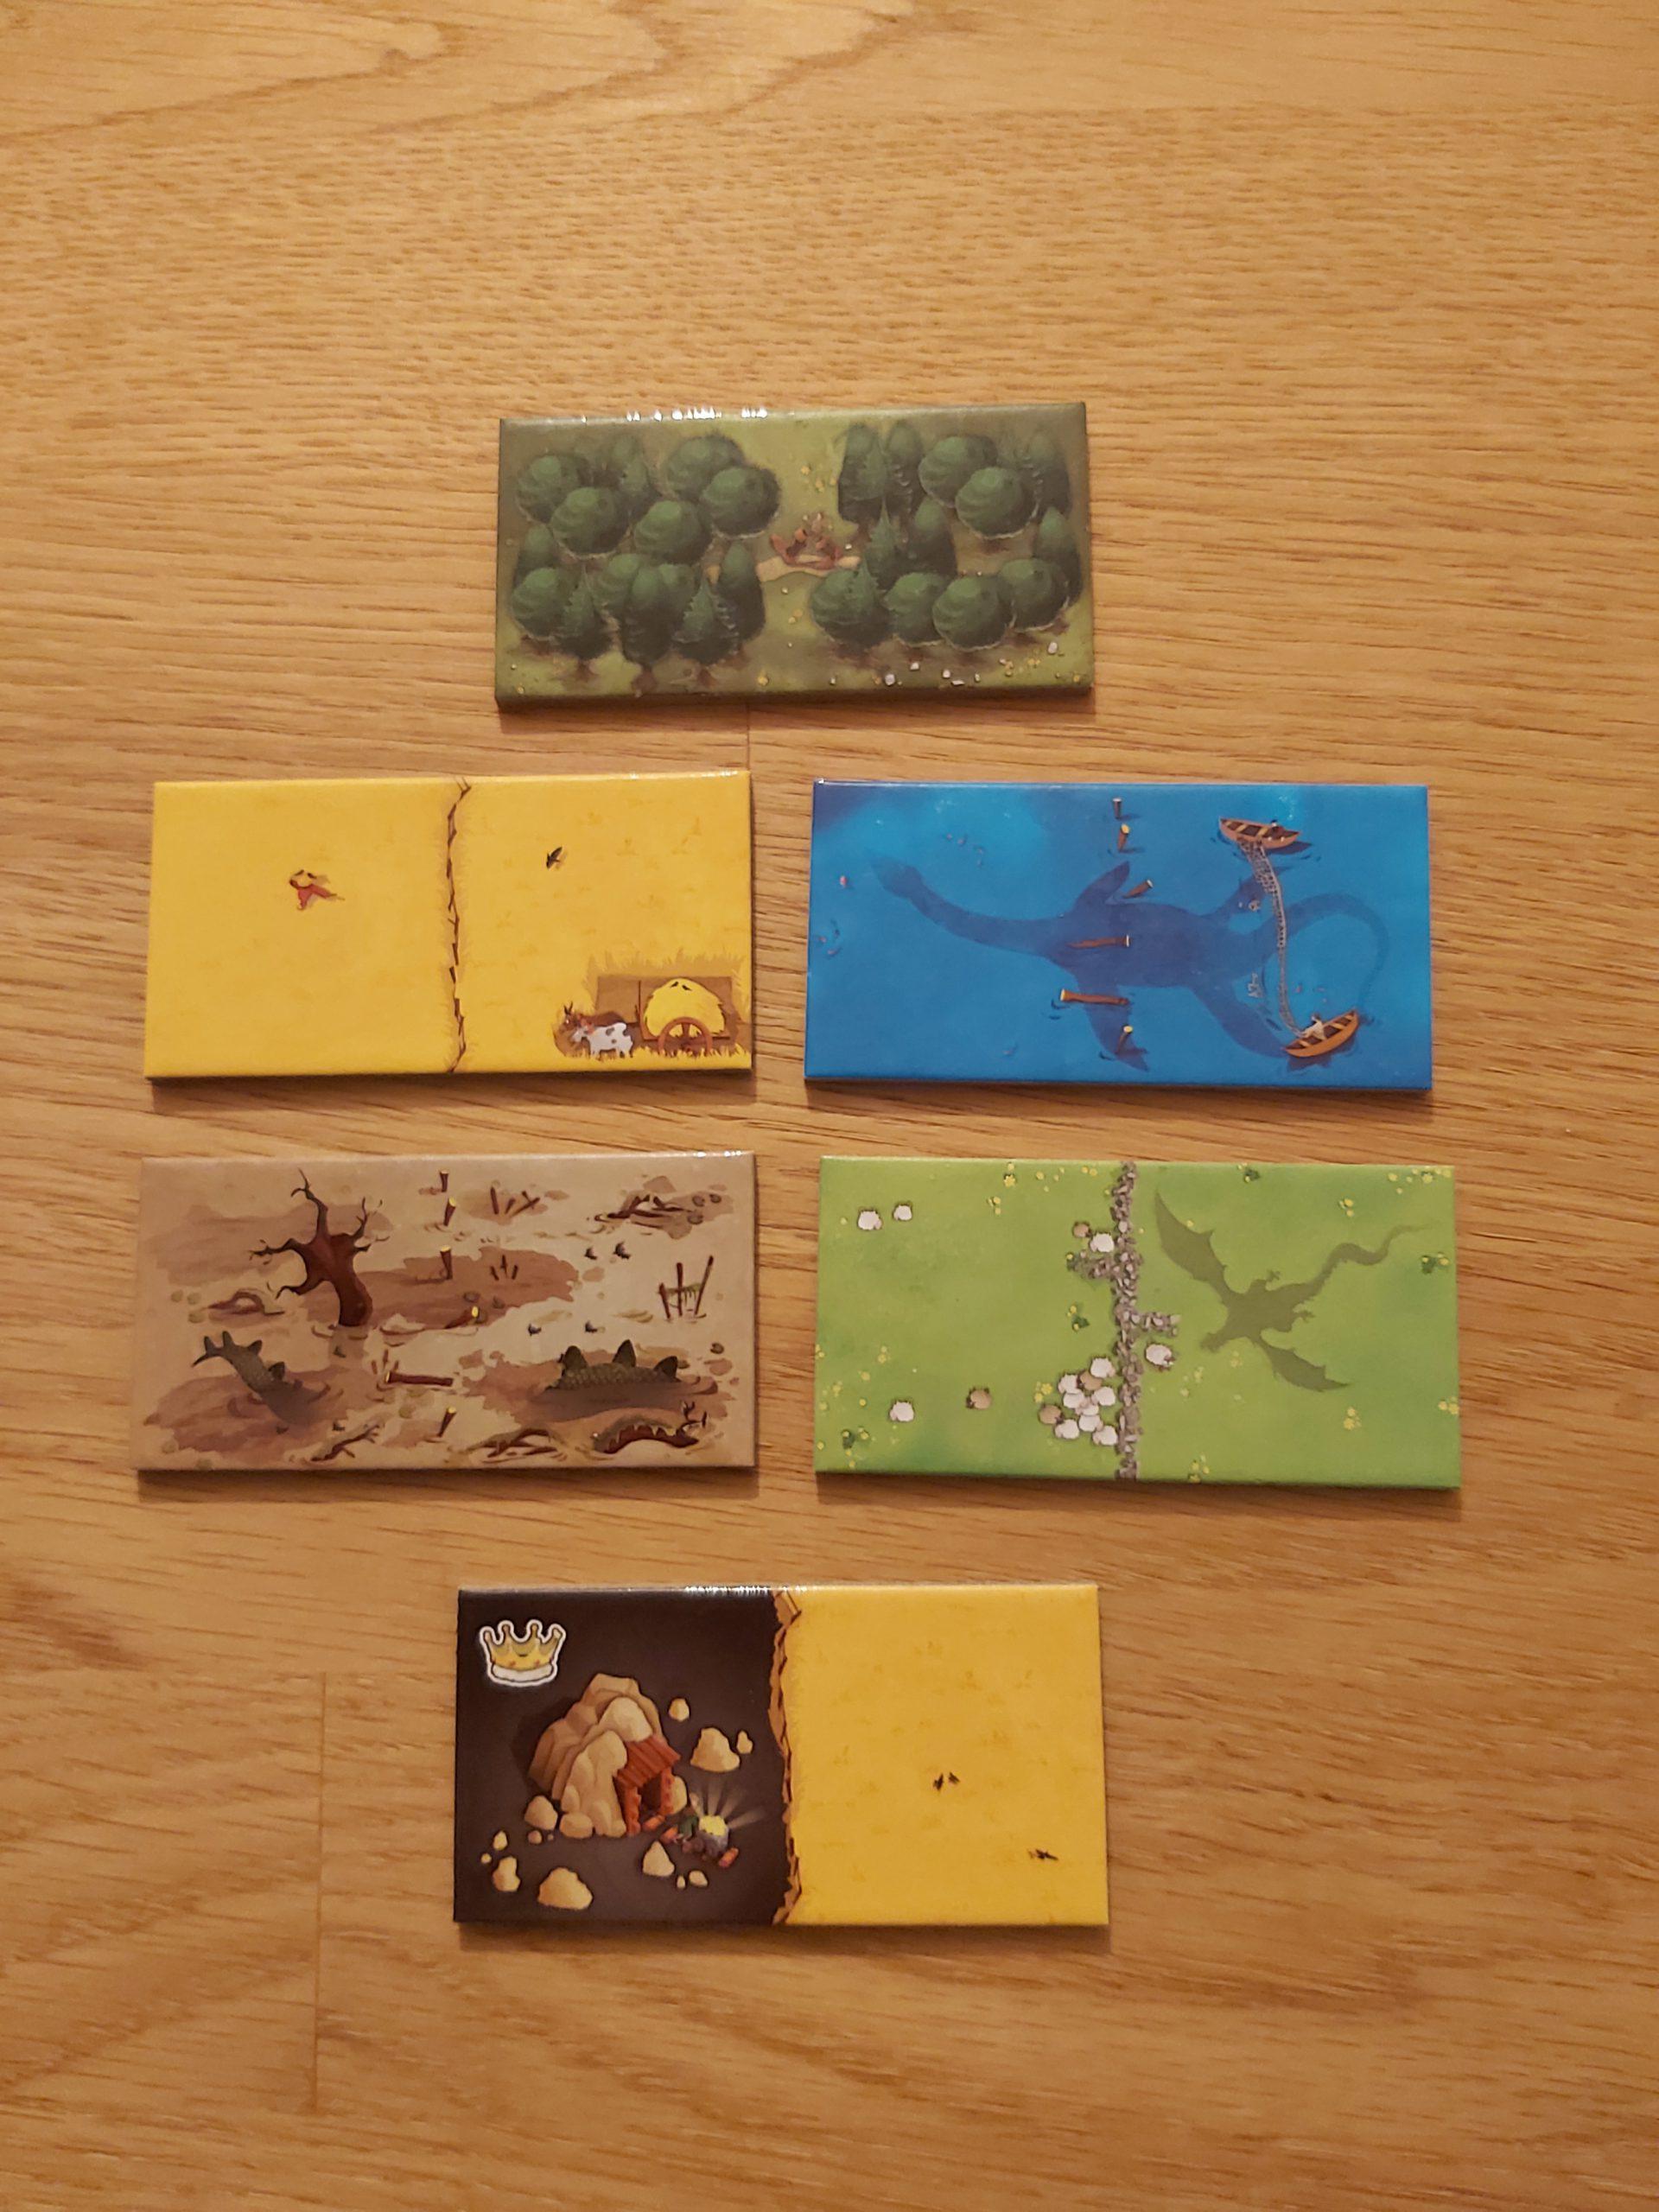 Zu sehen sind die Landschaftsplättchen von Kingdomino.